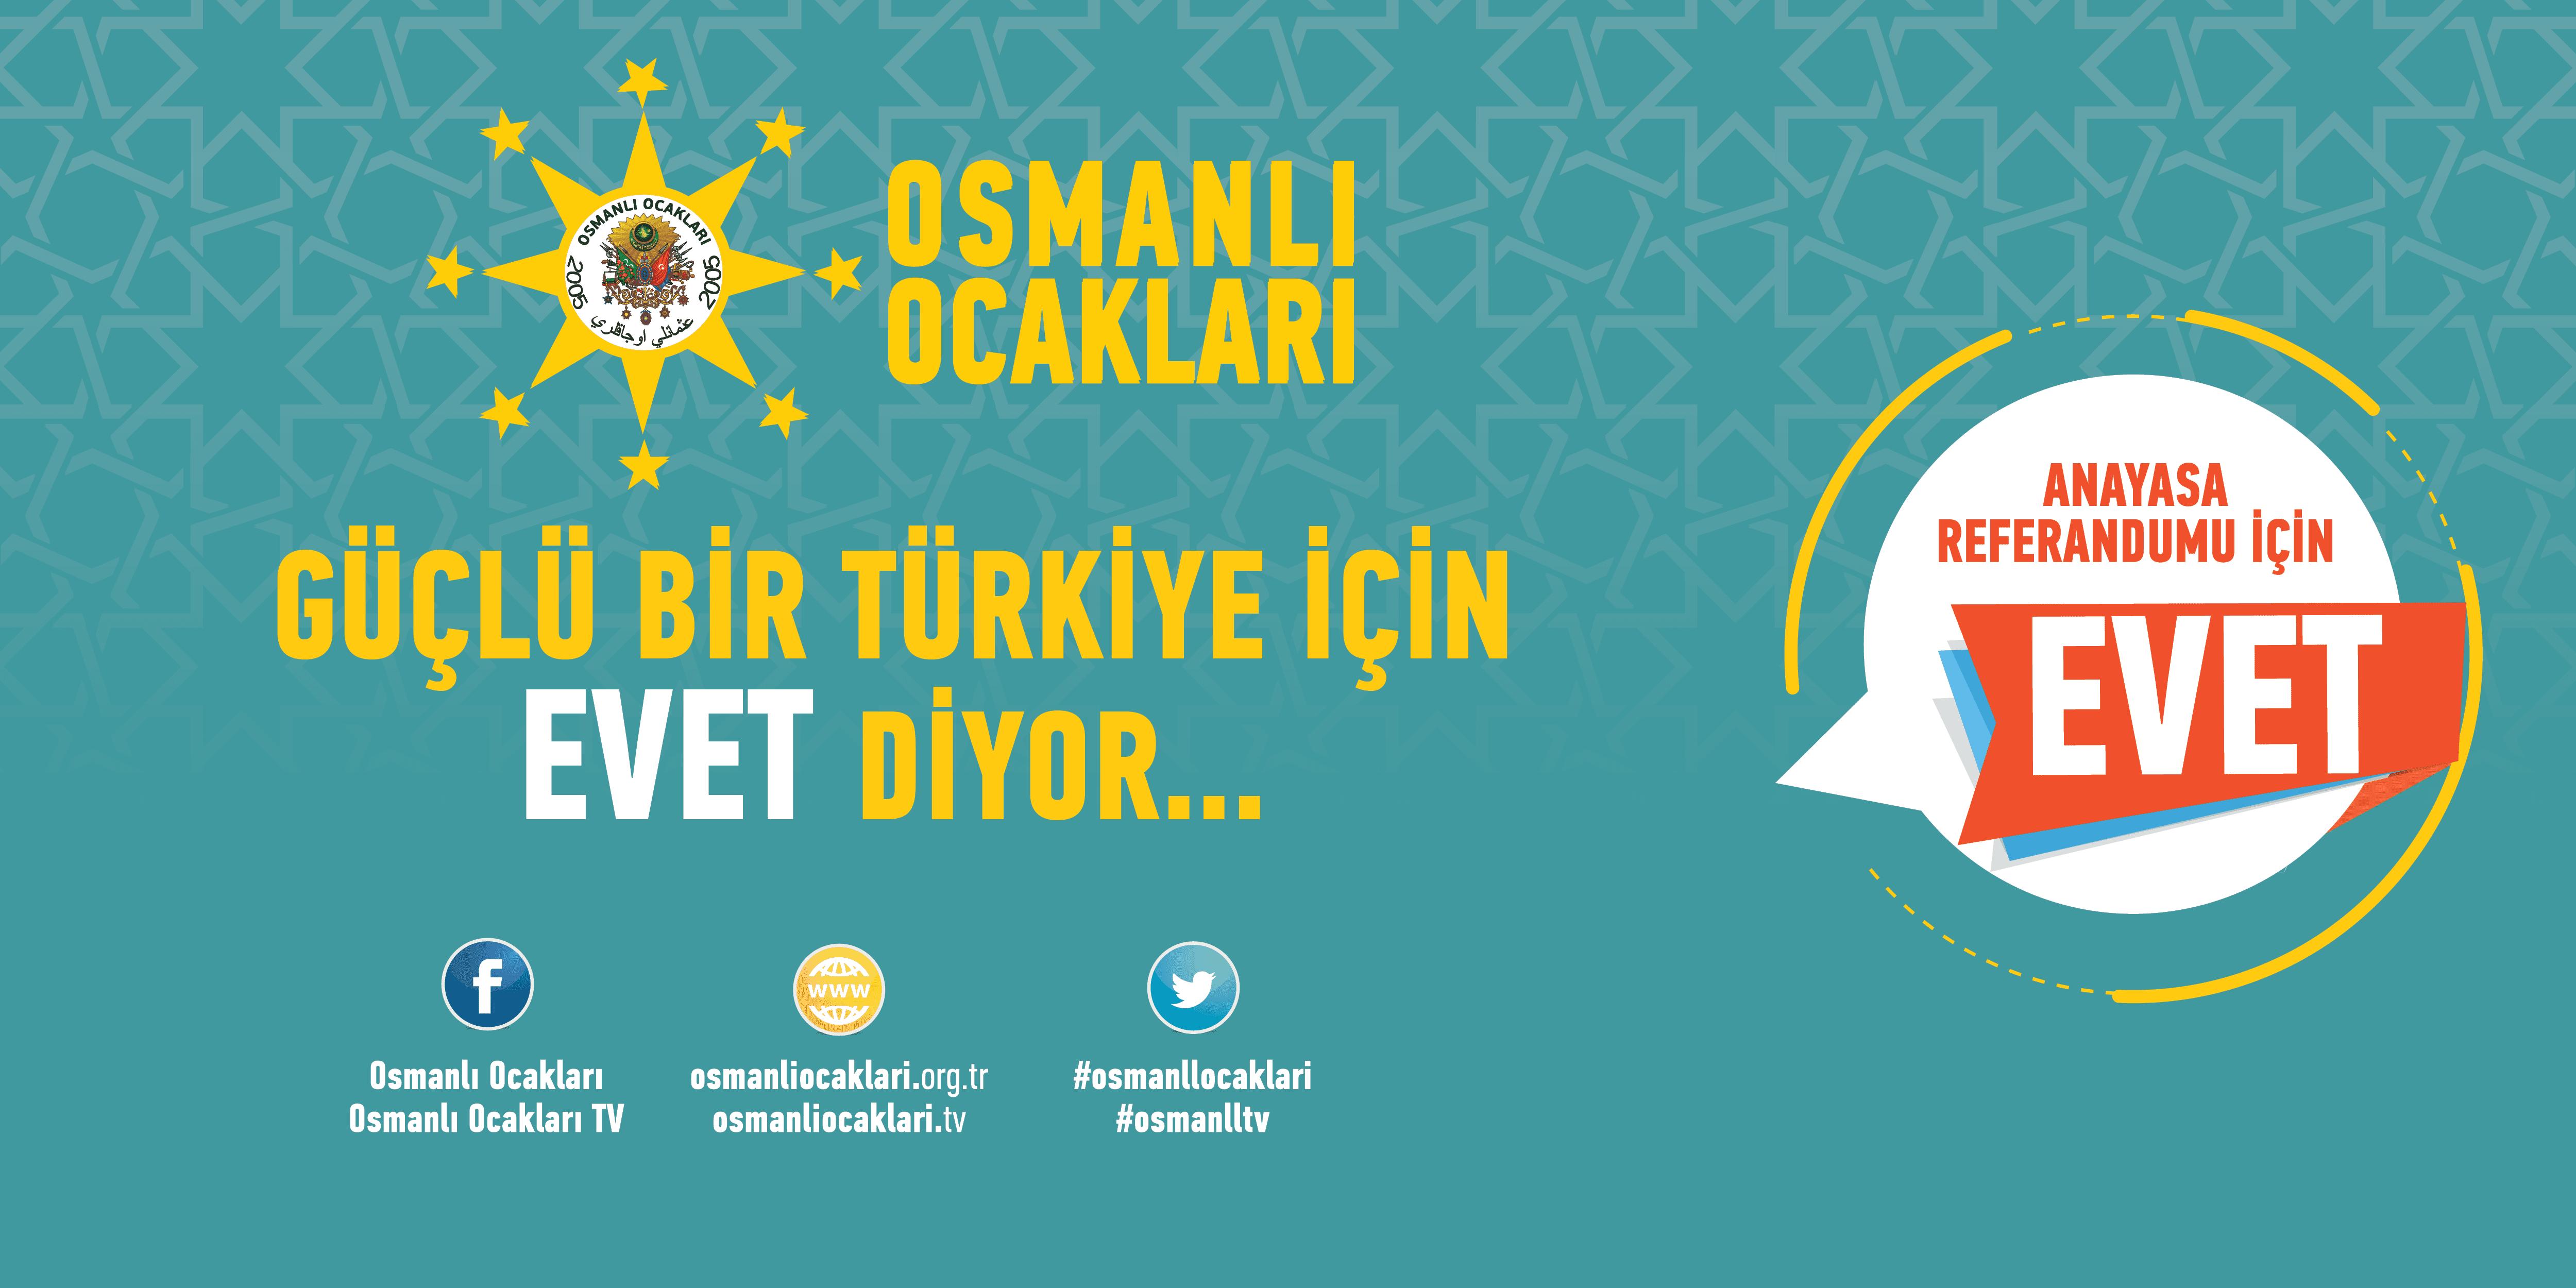 Güçlü Türkiye için C.Sistemine EVET diyoruz!